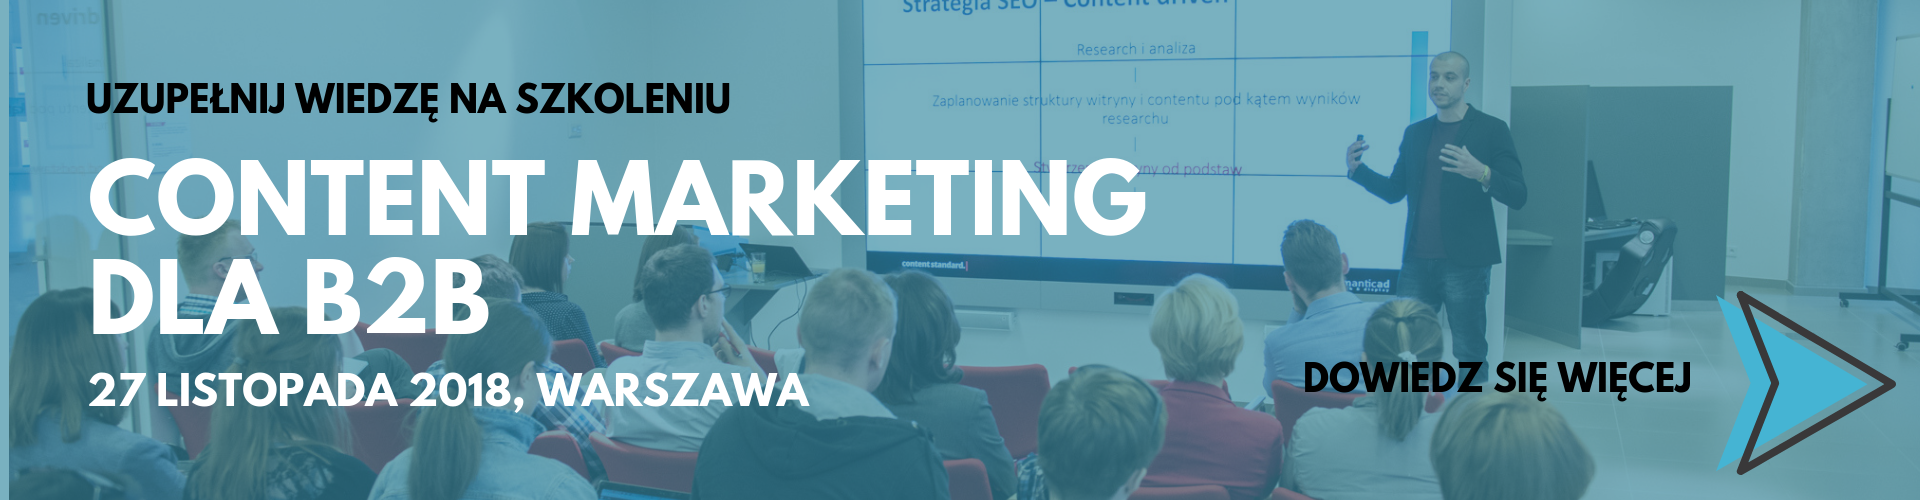 content marketing dla b2b szkolenie warszawa 27 listopada contenthouse_baner-2